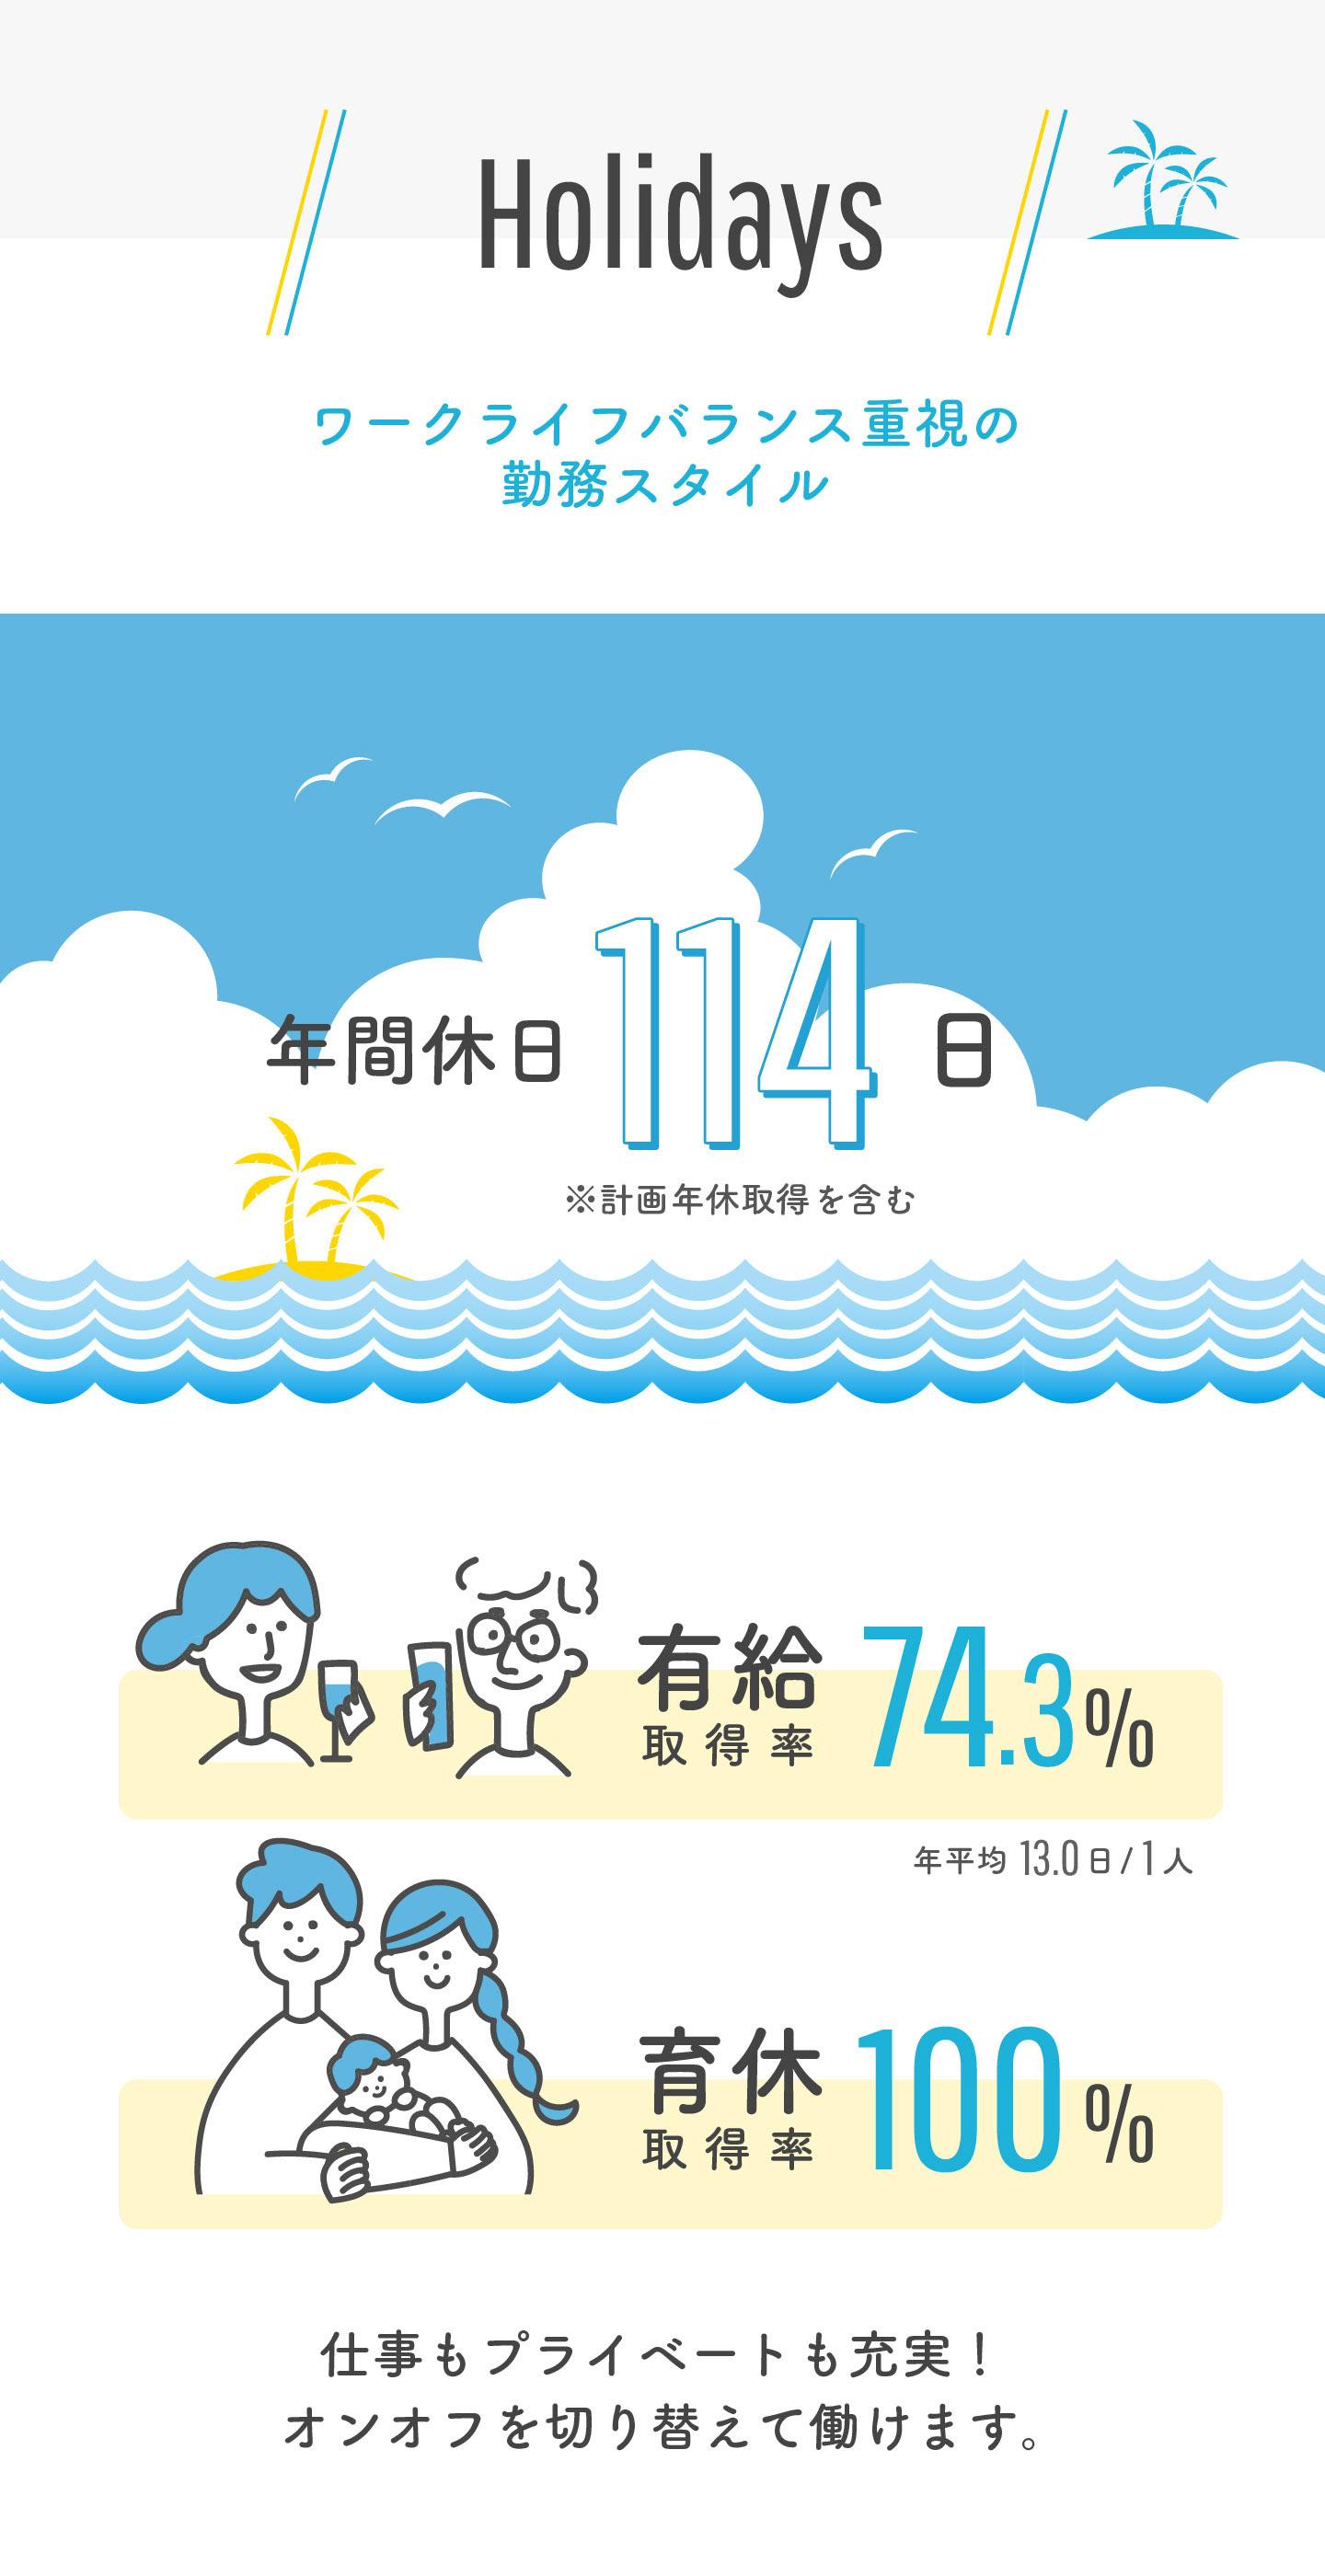 【休暇】年間休日114日 / 有給取得率74.3% / 育休取得率100%